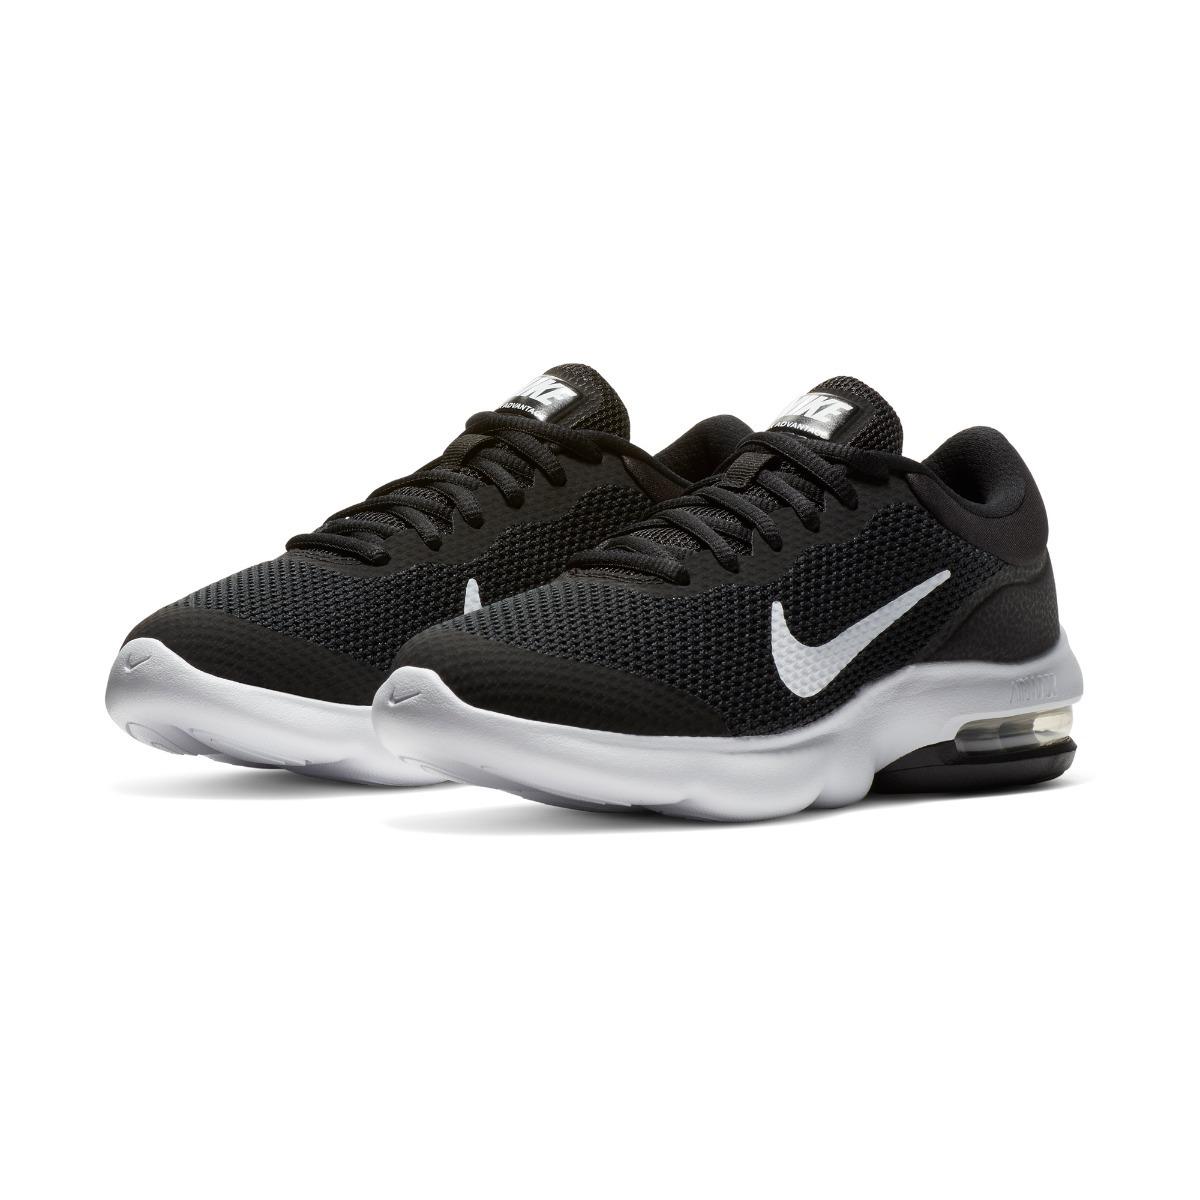 714264102e7d9 Zapatilla Nike Air Max Advantage Hombre -   34.990 en Mercado Libre